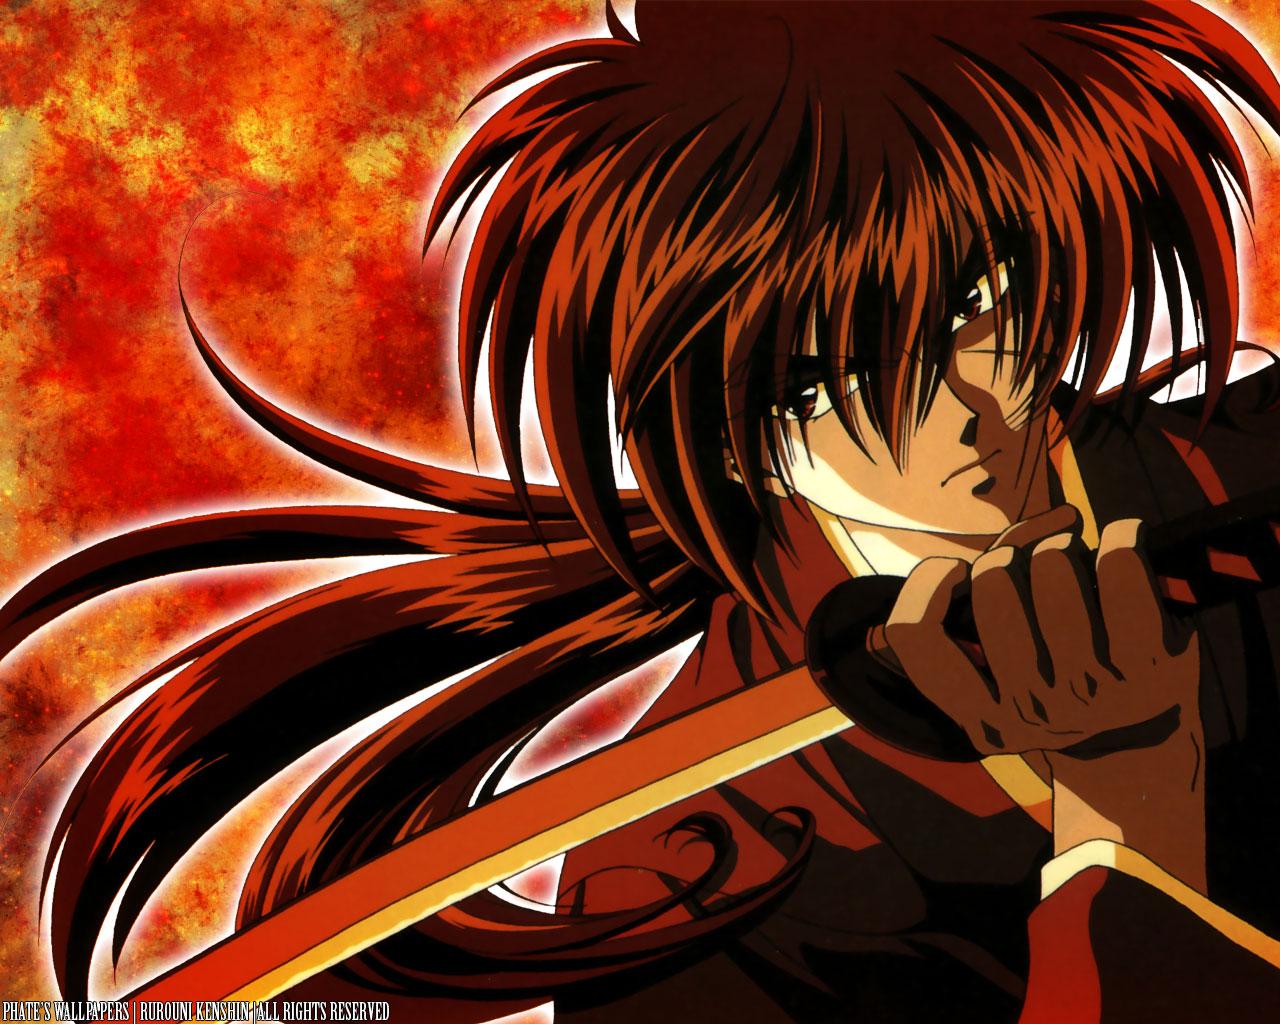 http://1.bp.blogspot.com/-QGLSxzxs8HY/TzEUsJ2gEbI/AAAAAAAABxk/kmkJdABK9v0/s1600/Samurai+x_10.jpg